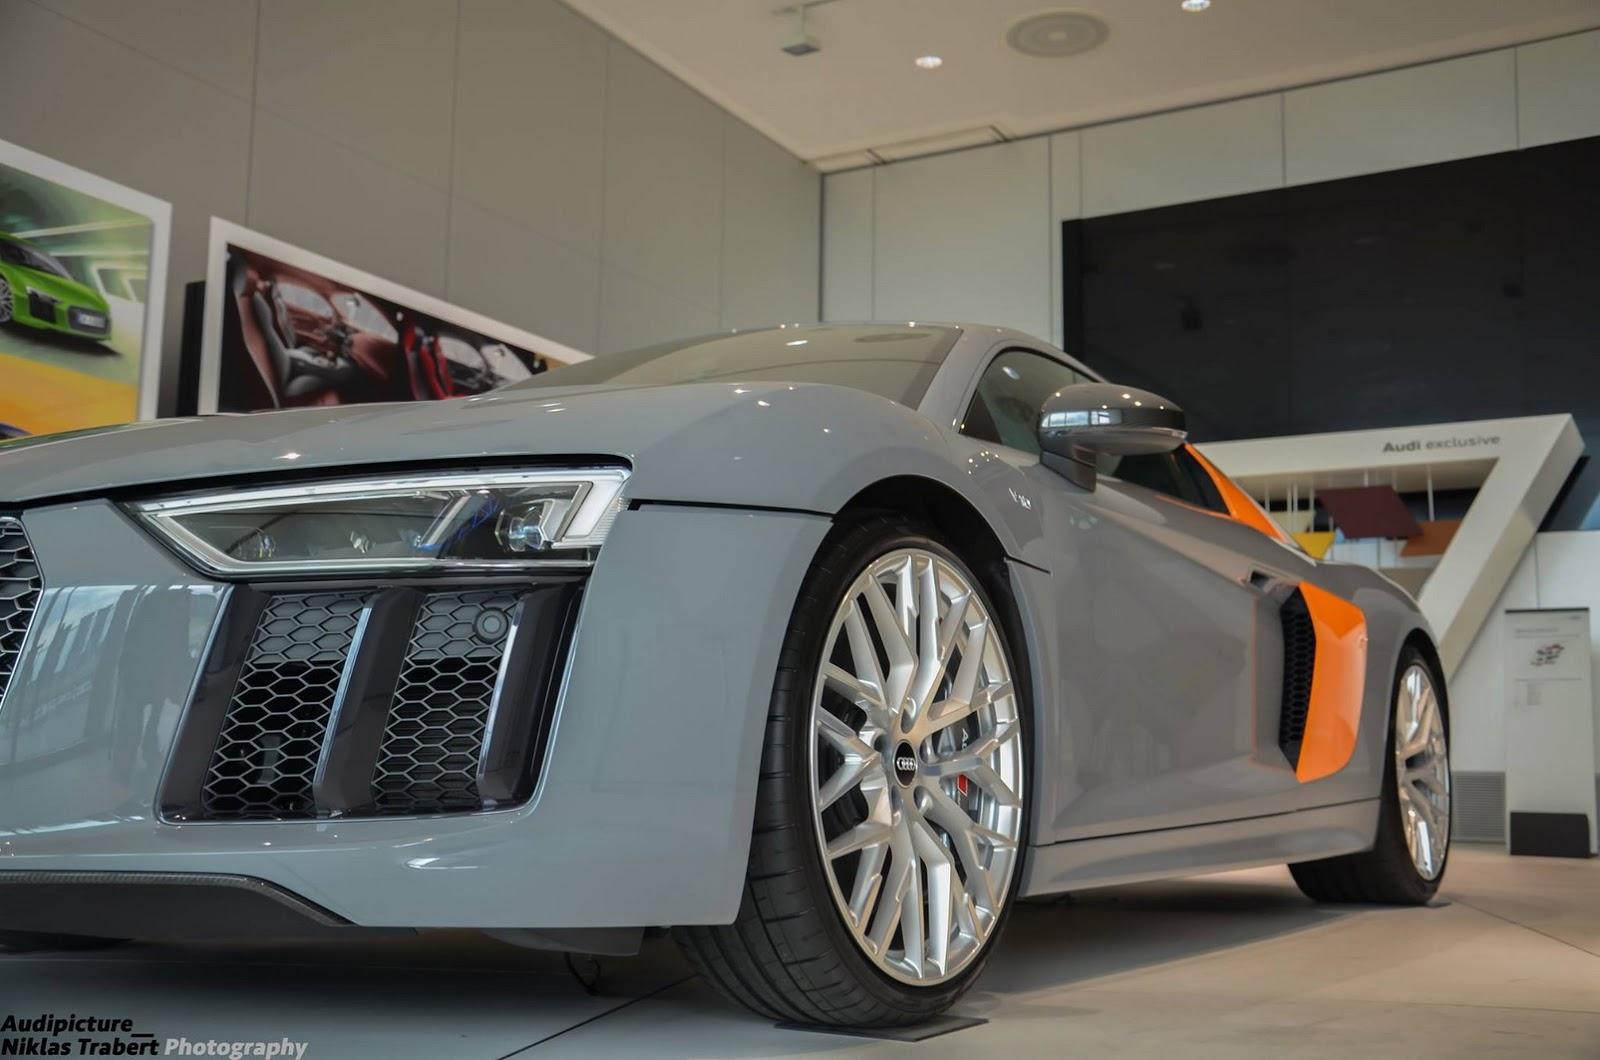 ¿Qué te parece este Audi R8 V10 Plus bitono de Audi Exclusive? 1